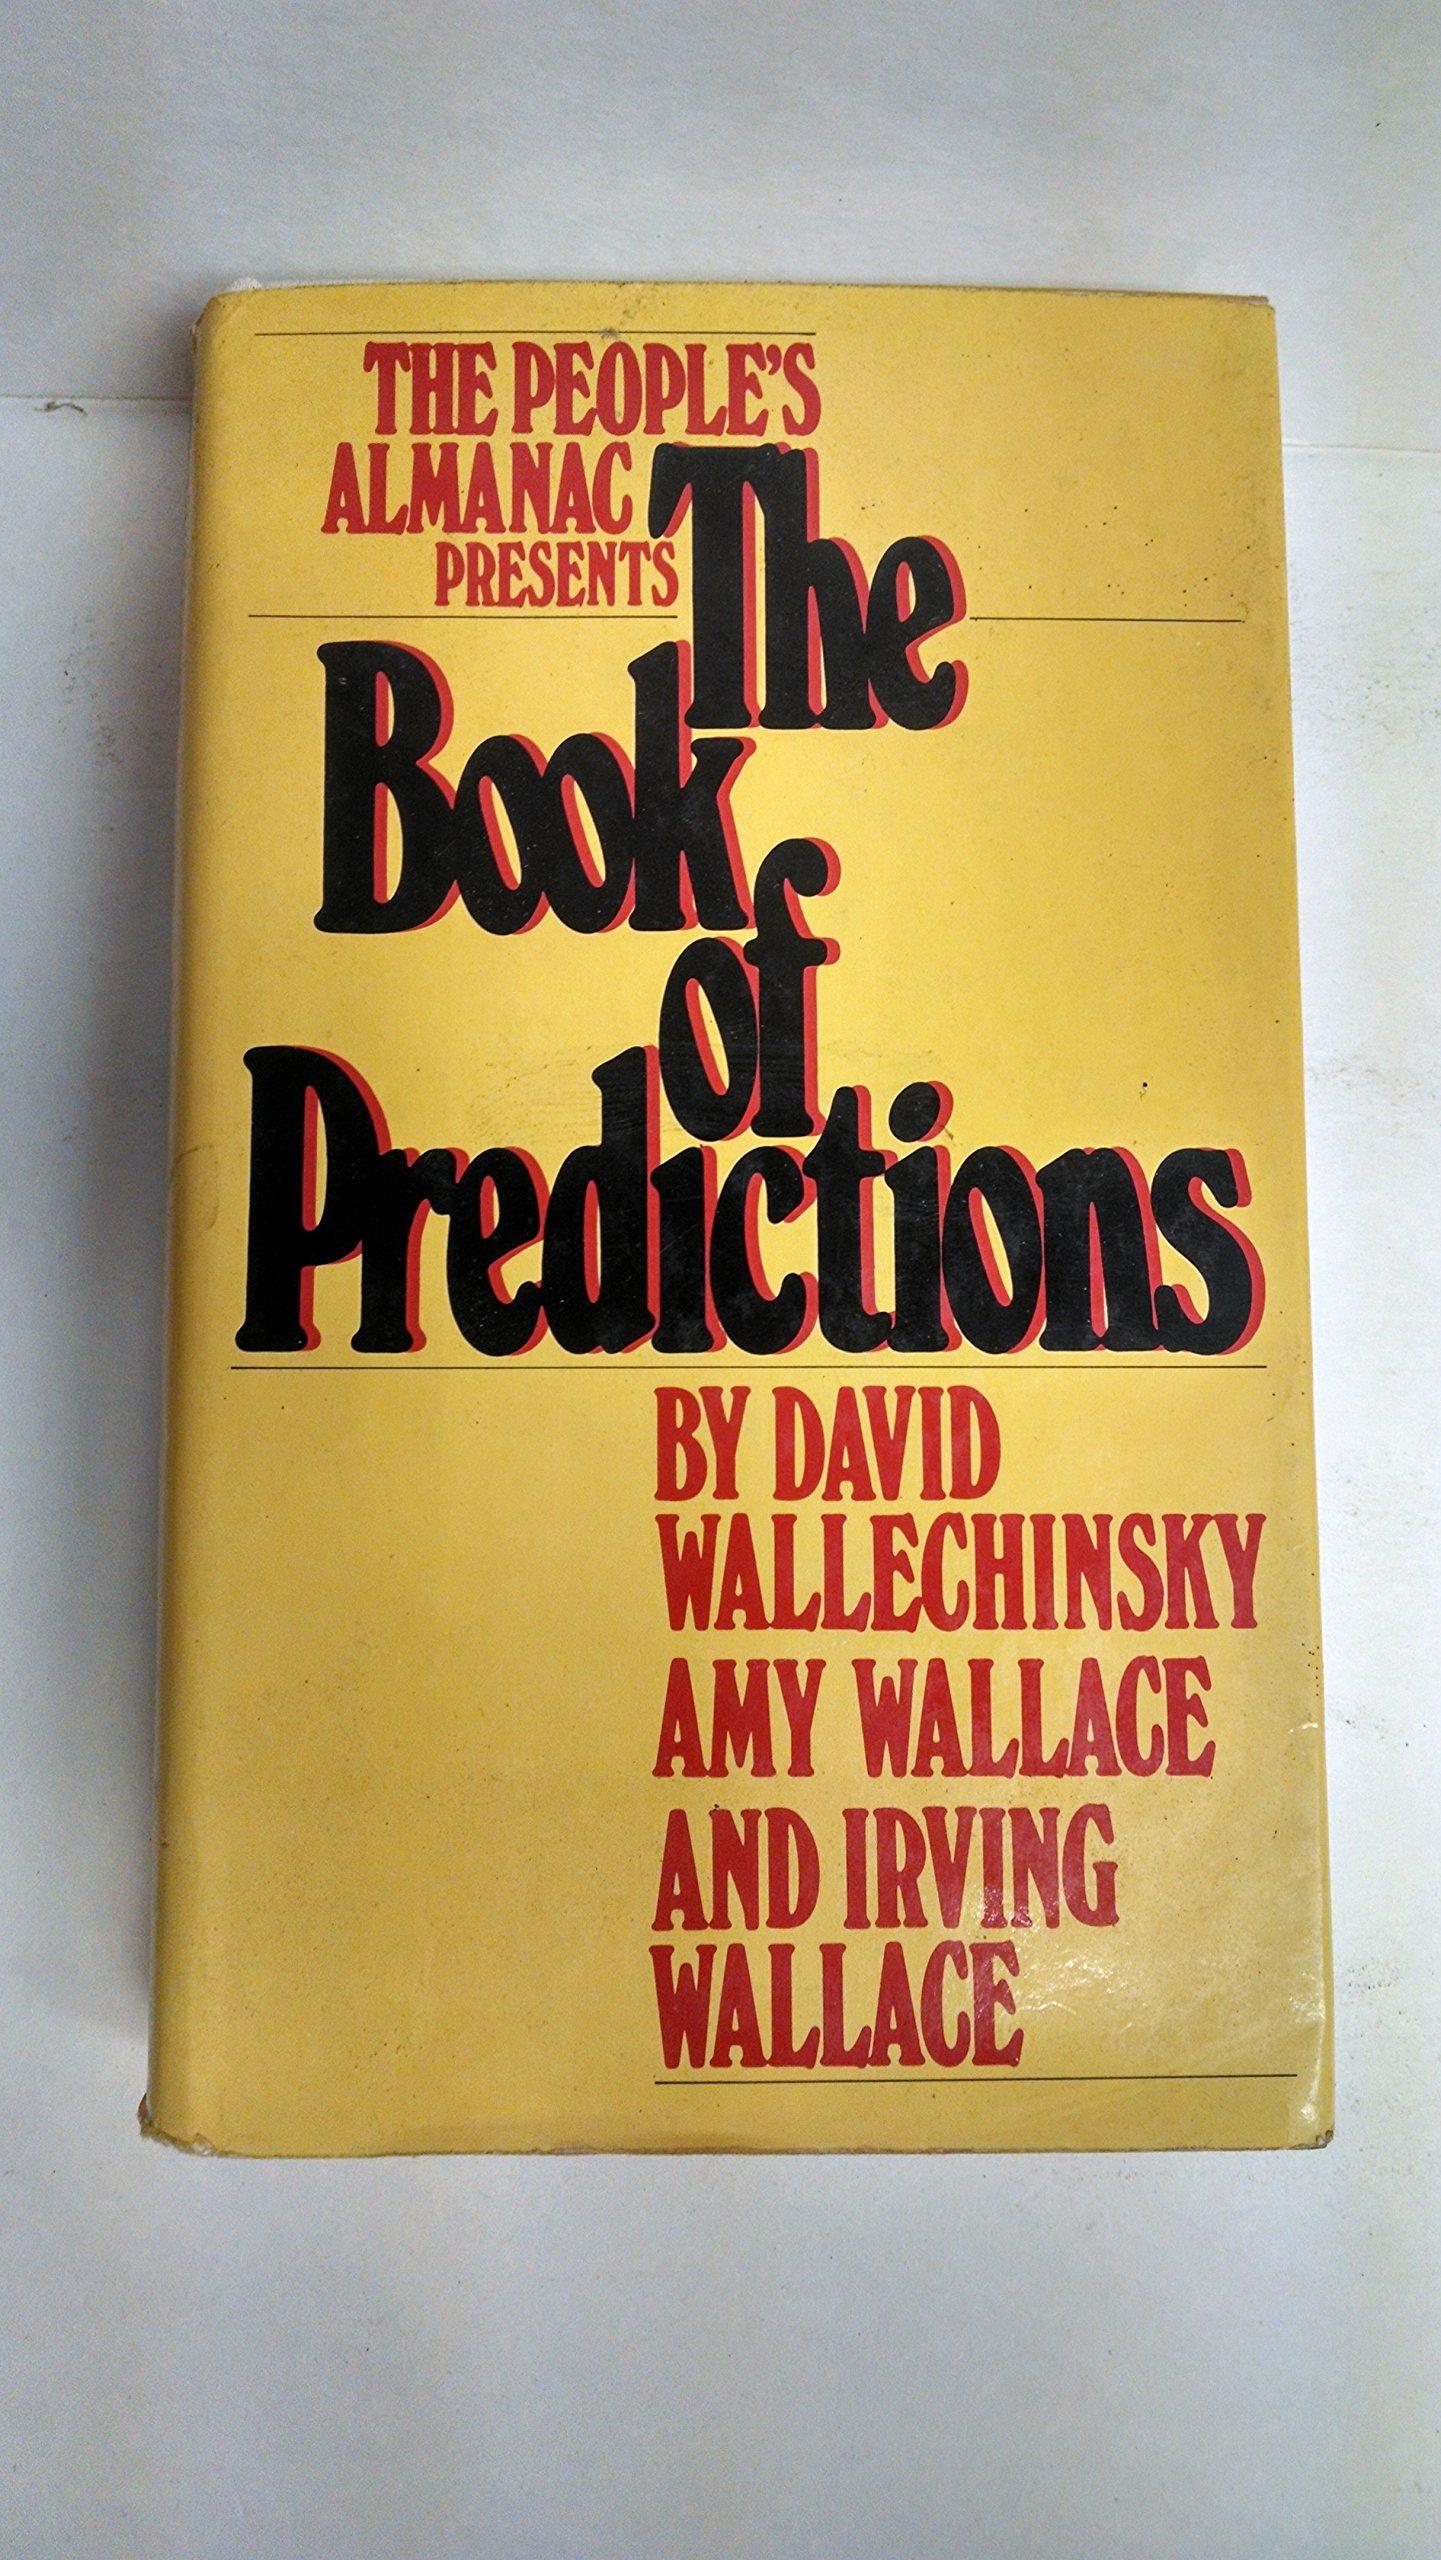 People's Almanac Presents Book Of Predictions